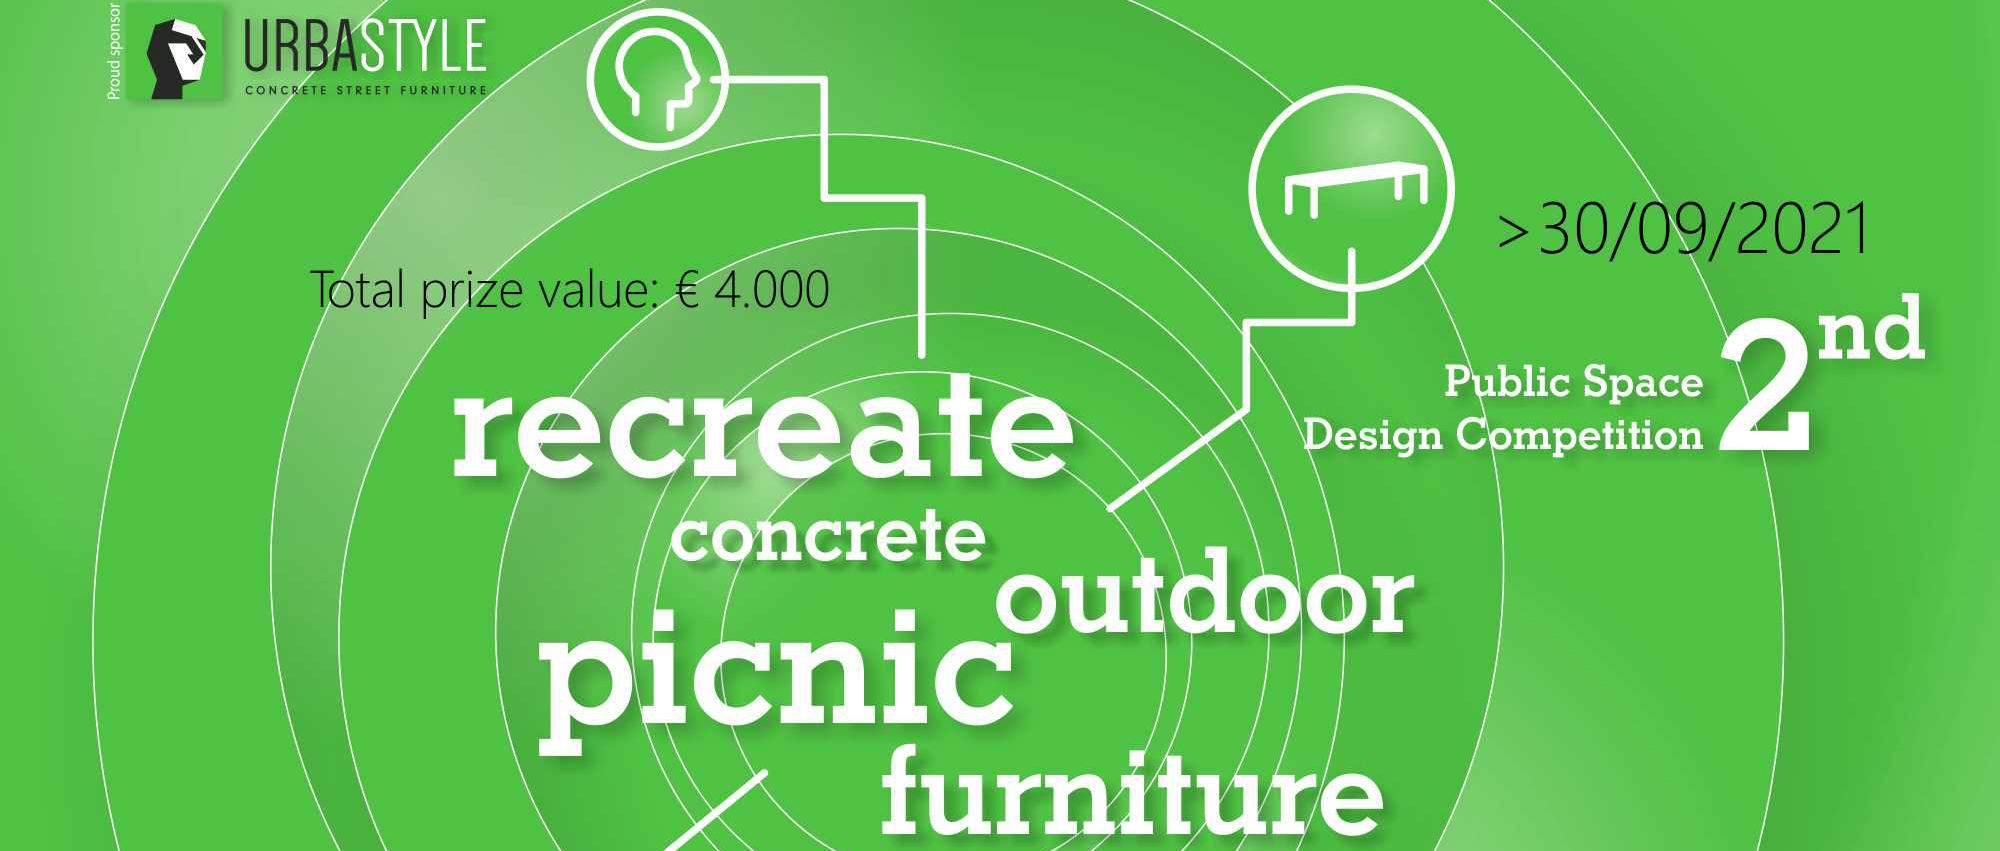 """公共空间设计大赛:""""再造混凝土户外野餐家具"""""""